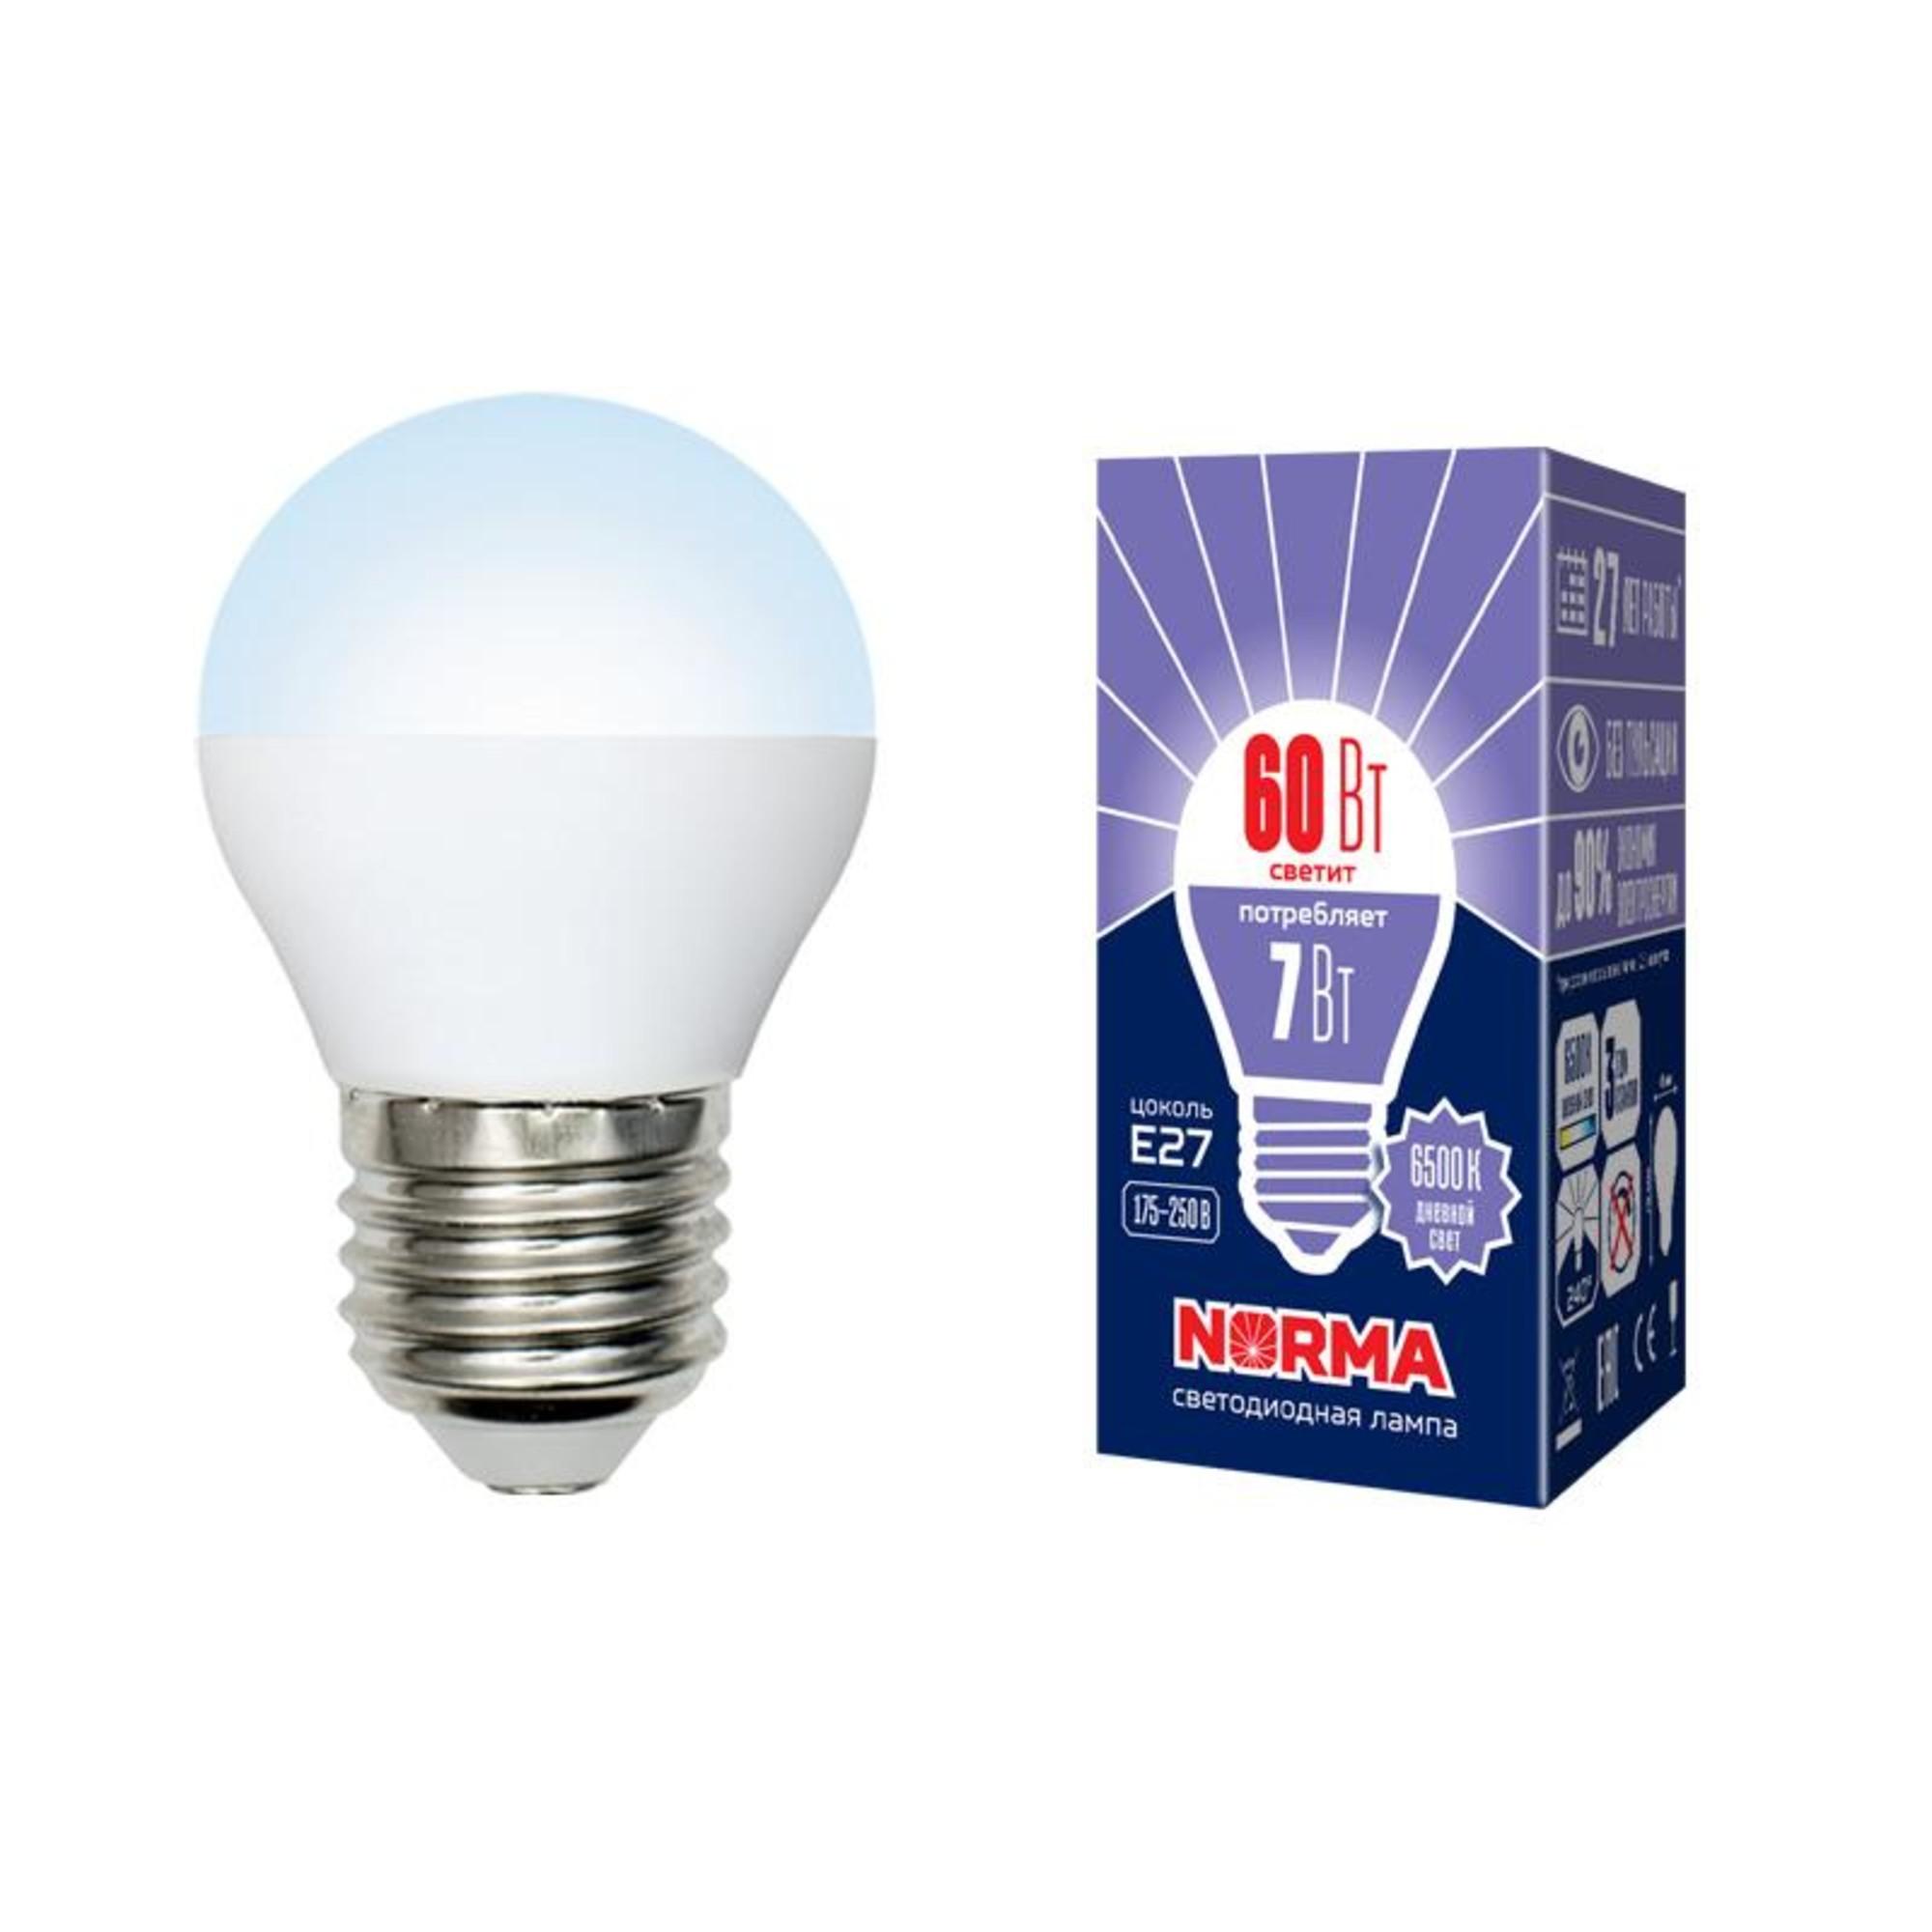 Лампа Volpe светодиодная E27 7 Вт нейтральный свет